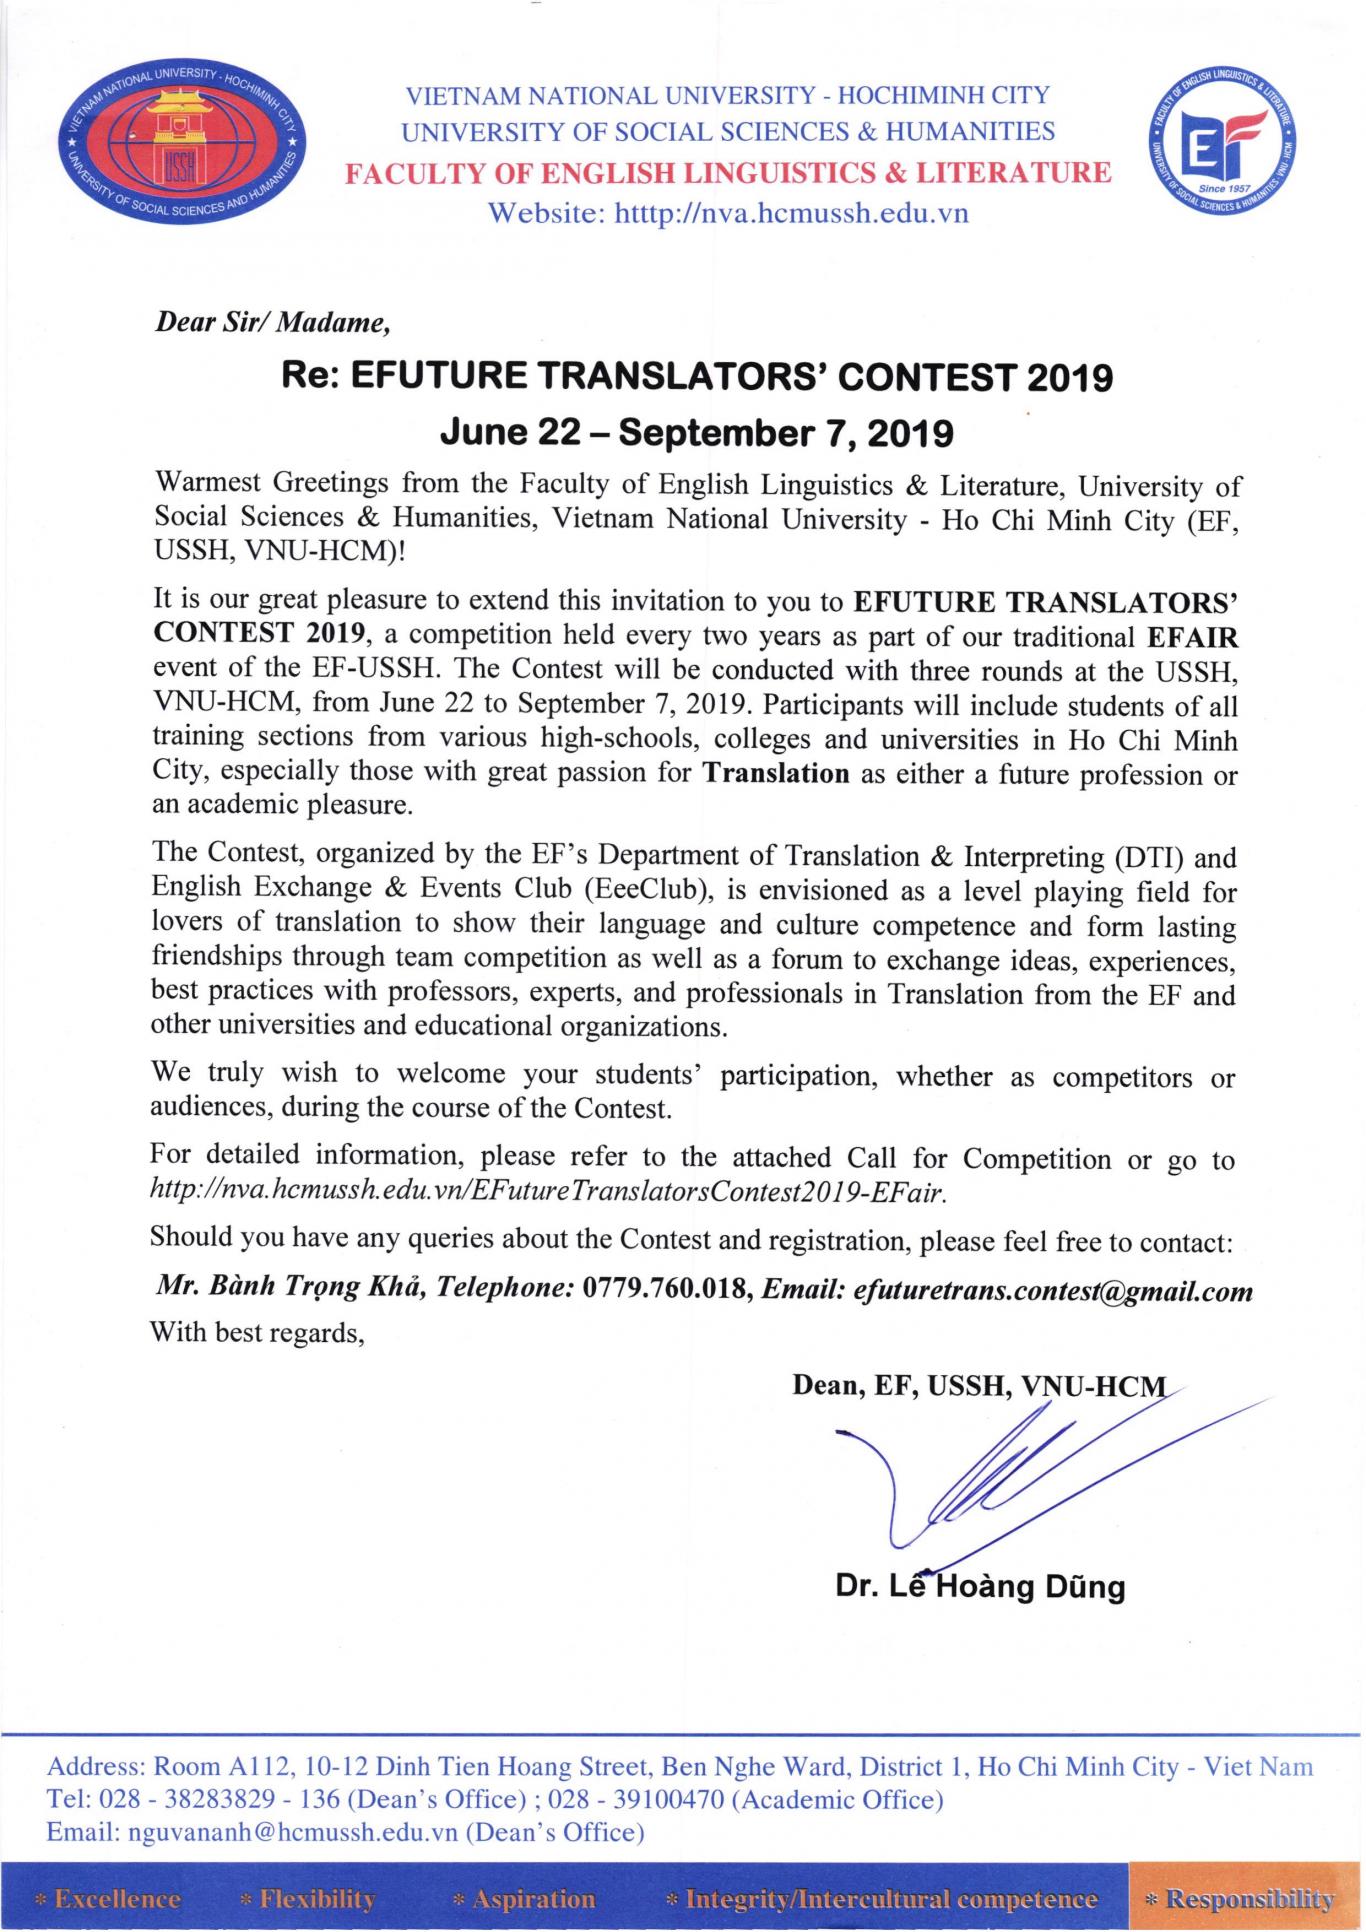 THONG BAO CUOC THI DICH GIA TUONG LAI 2019_Page_3